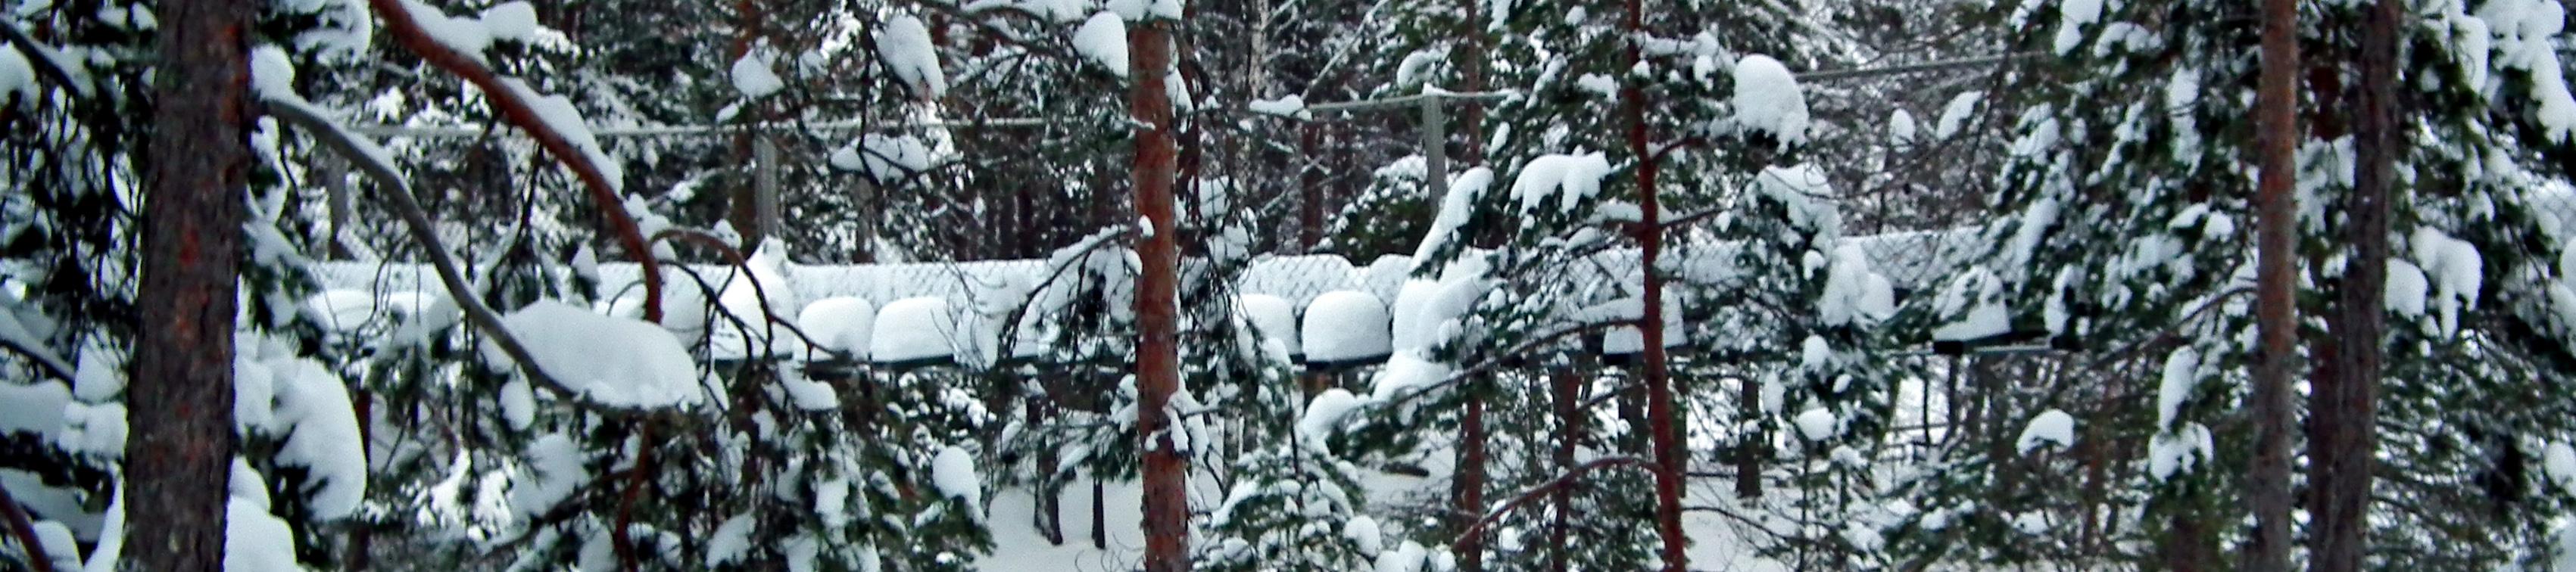 Loistavat talviretkeilymahdollisuudet Repovedellä